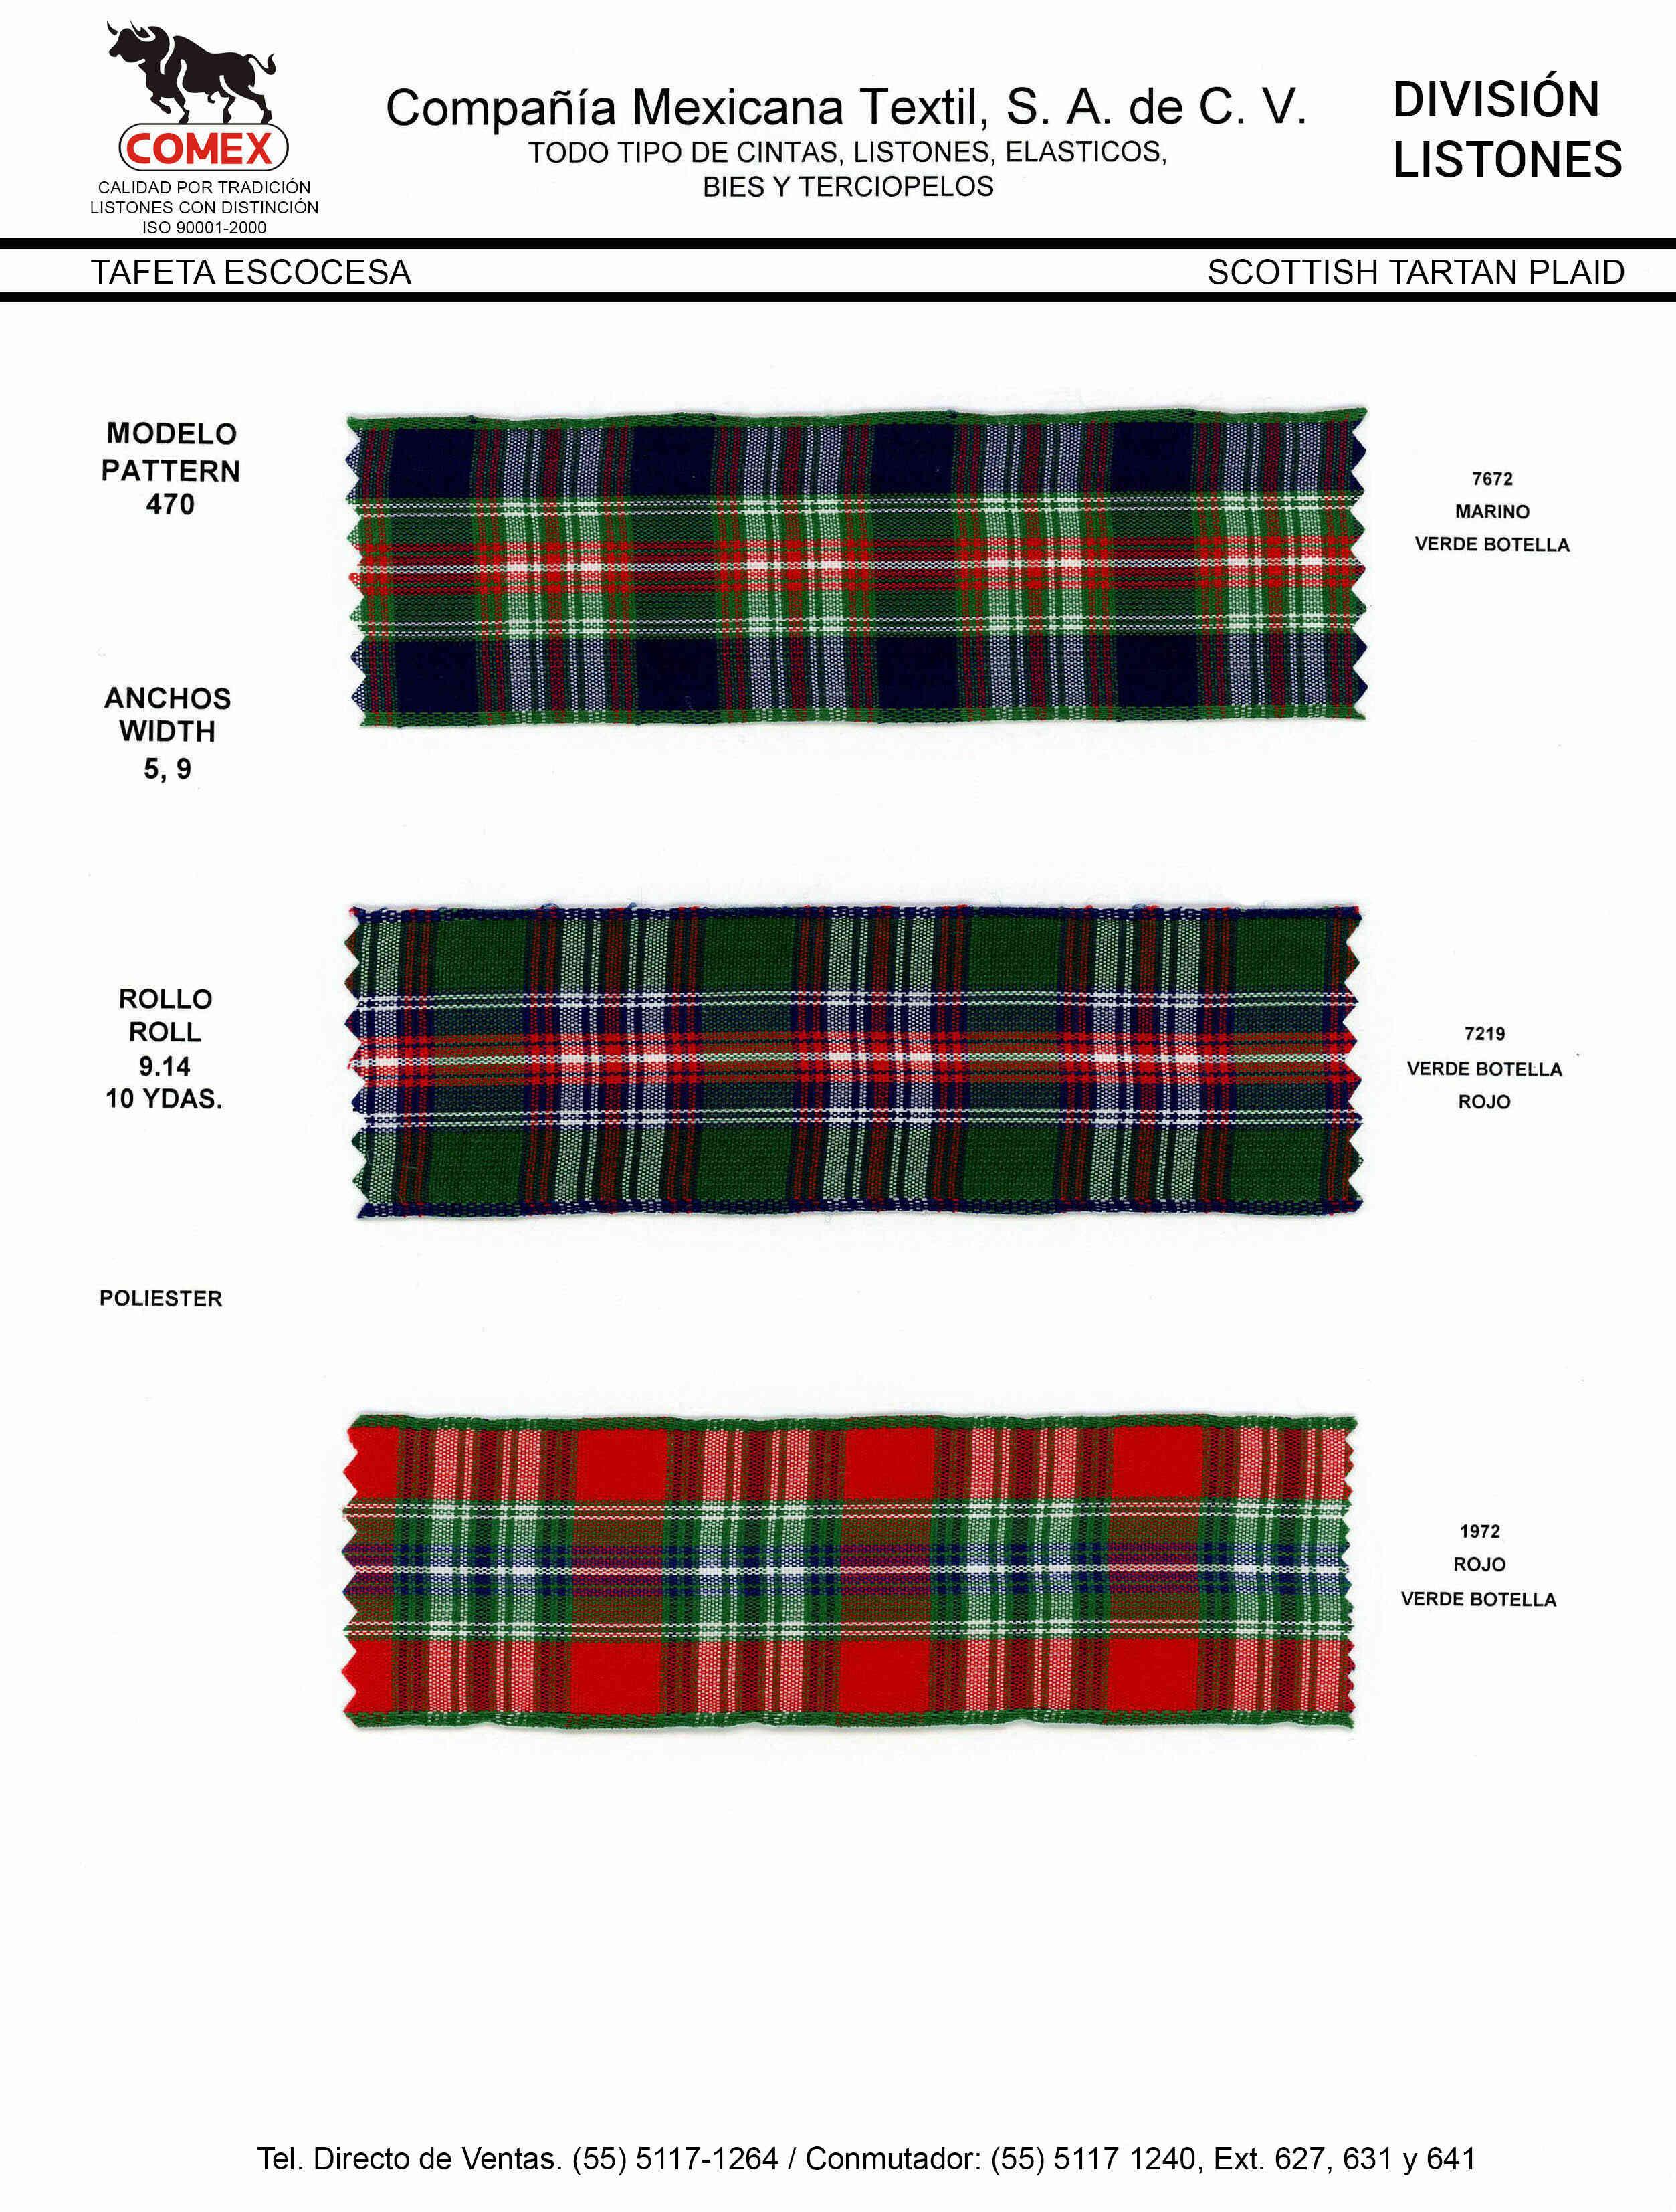 Anchos y Colores de Liston Mod.470